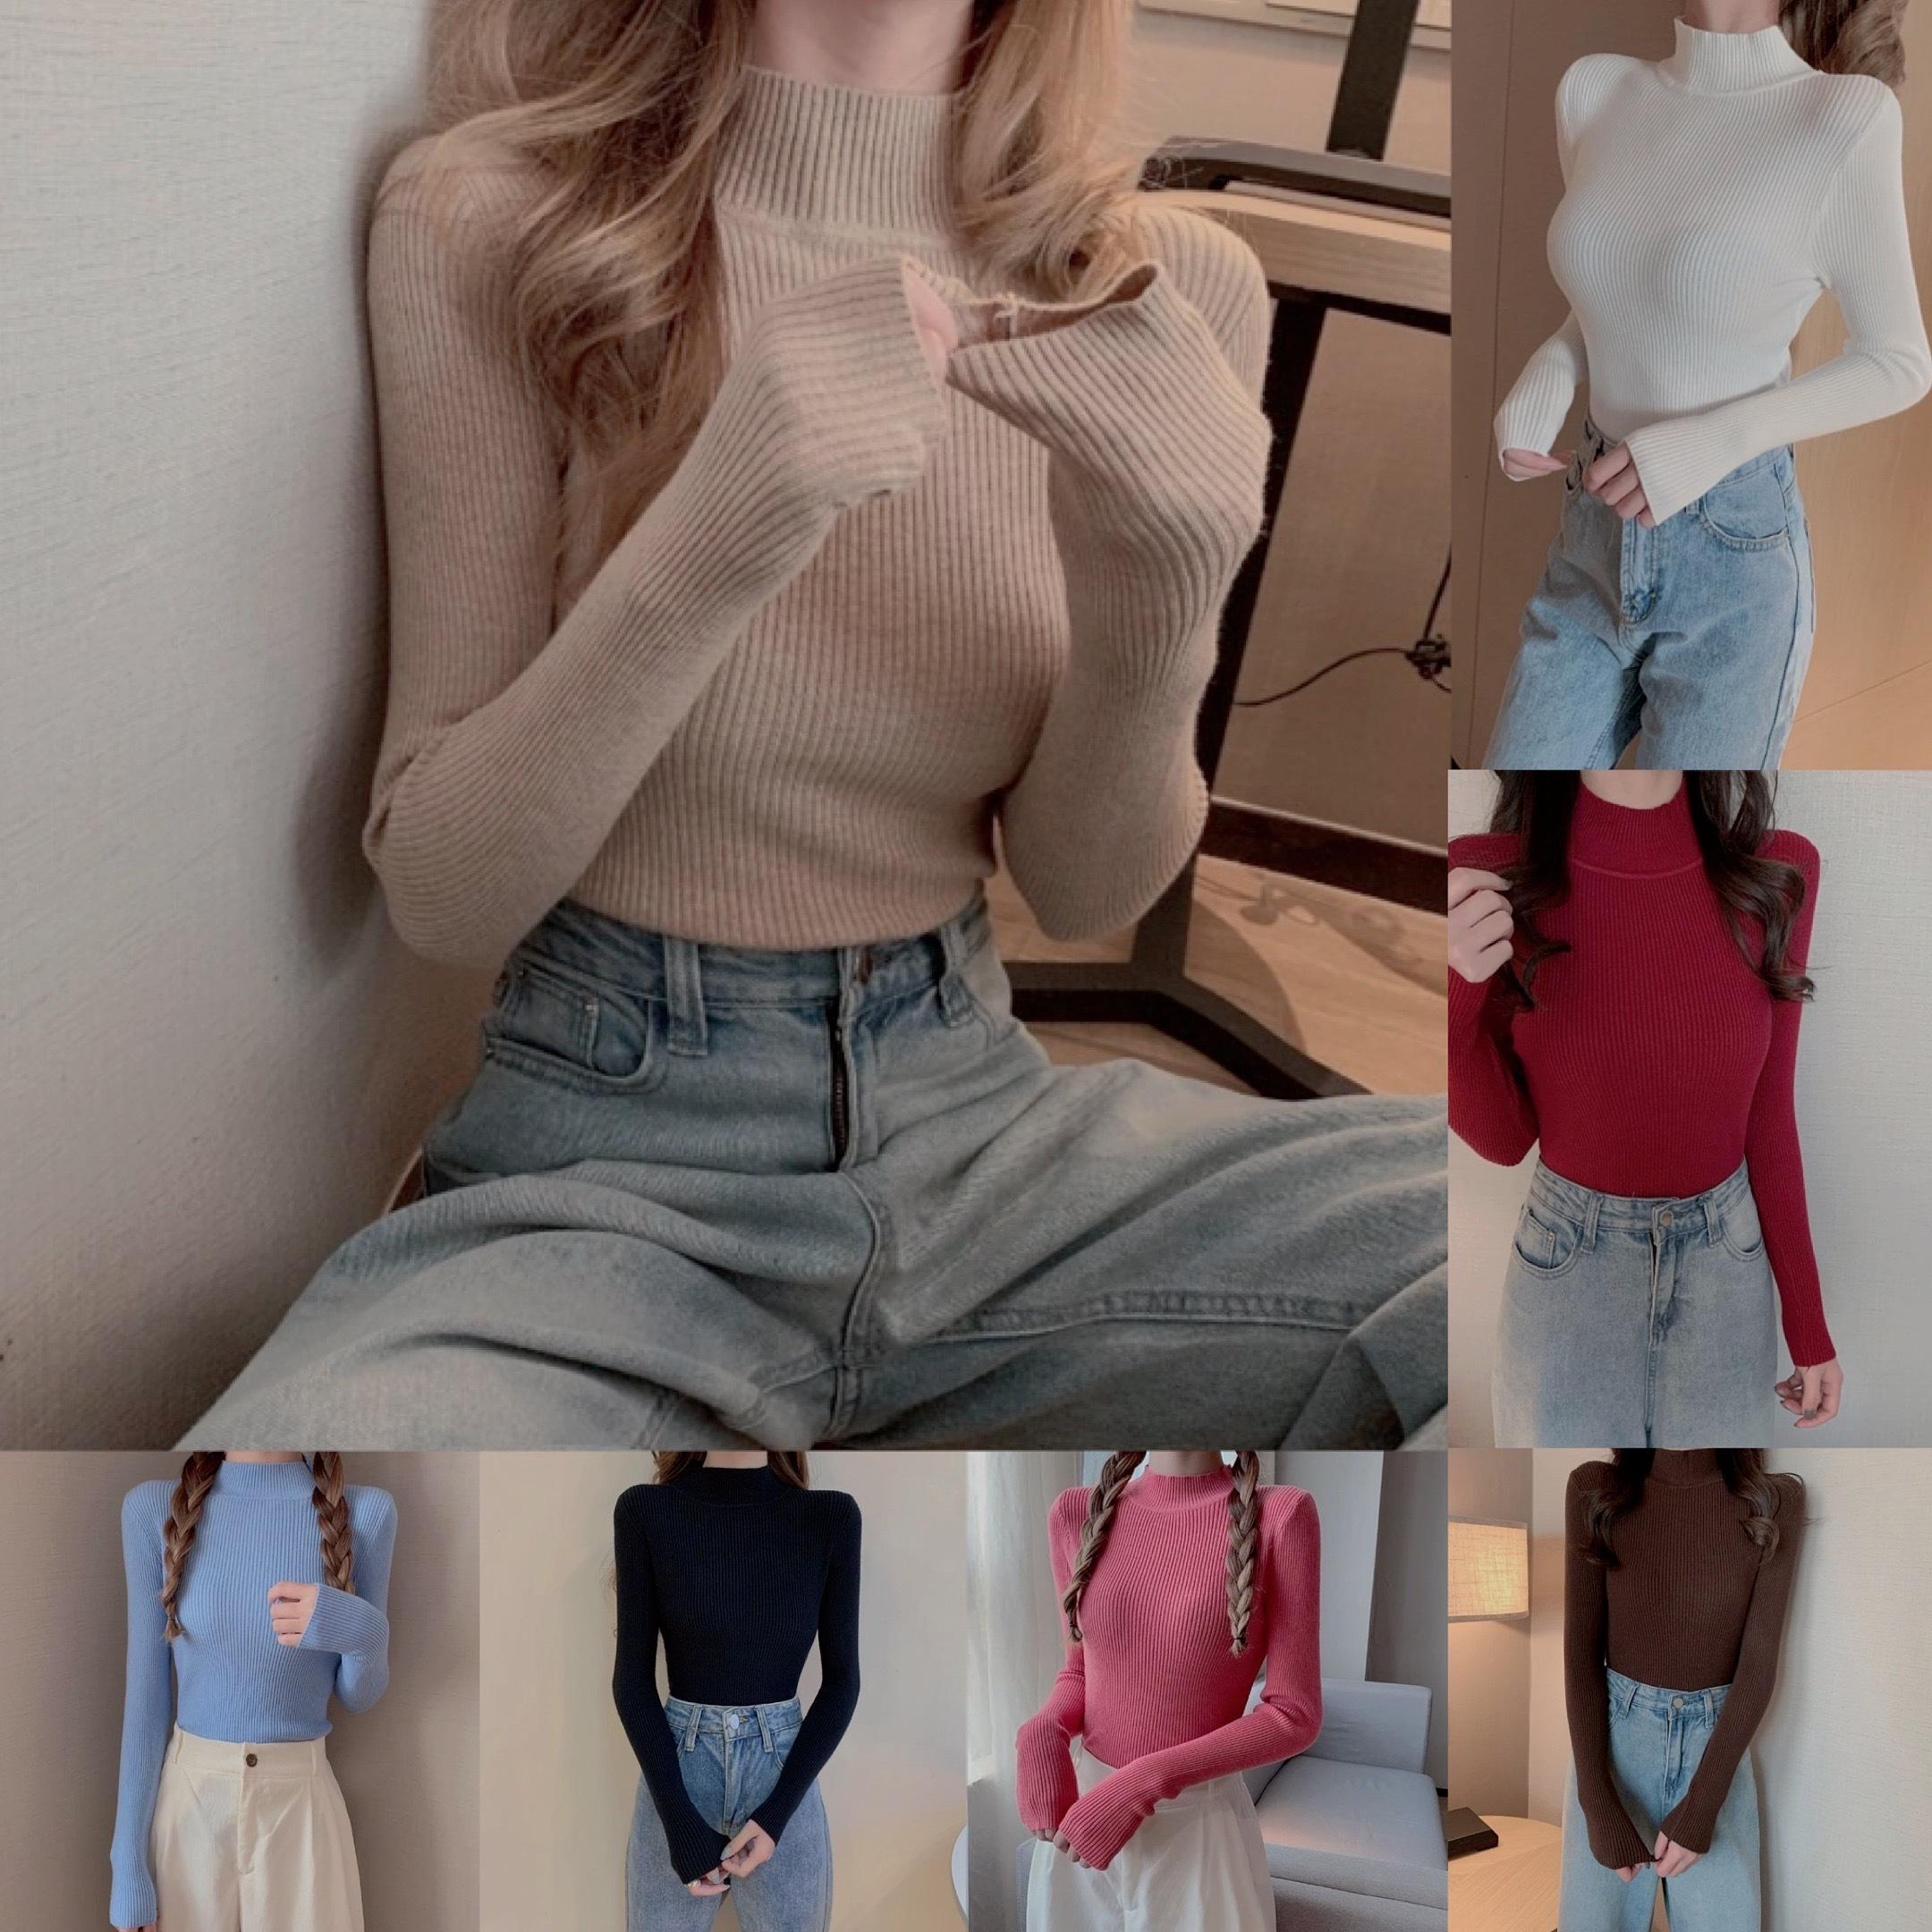 lib knit color tops 7color